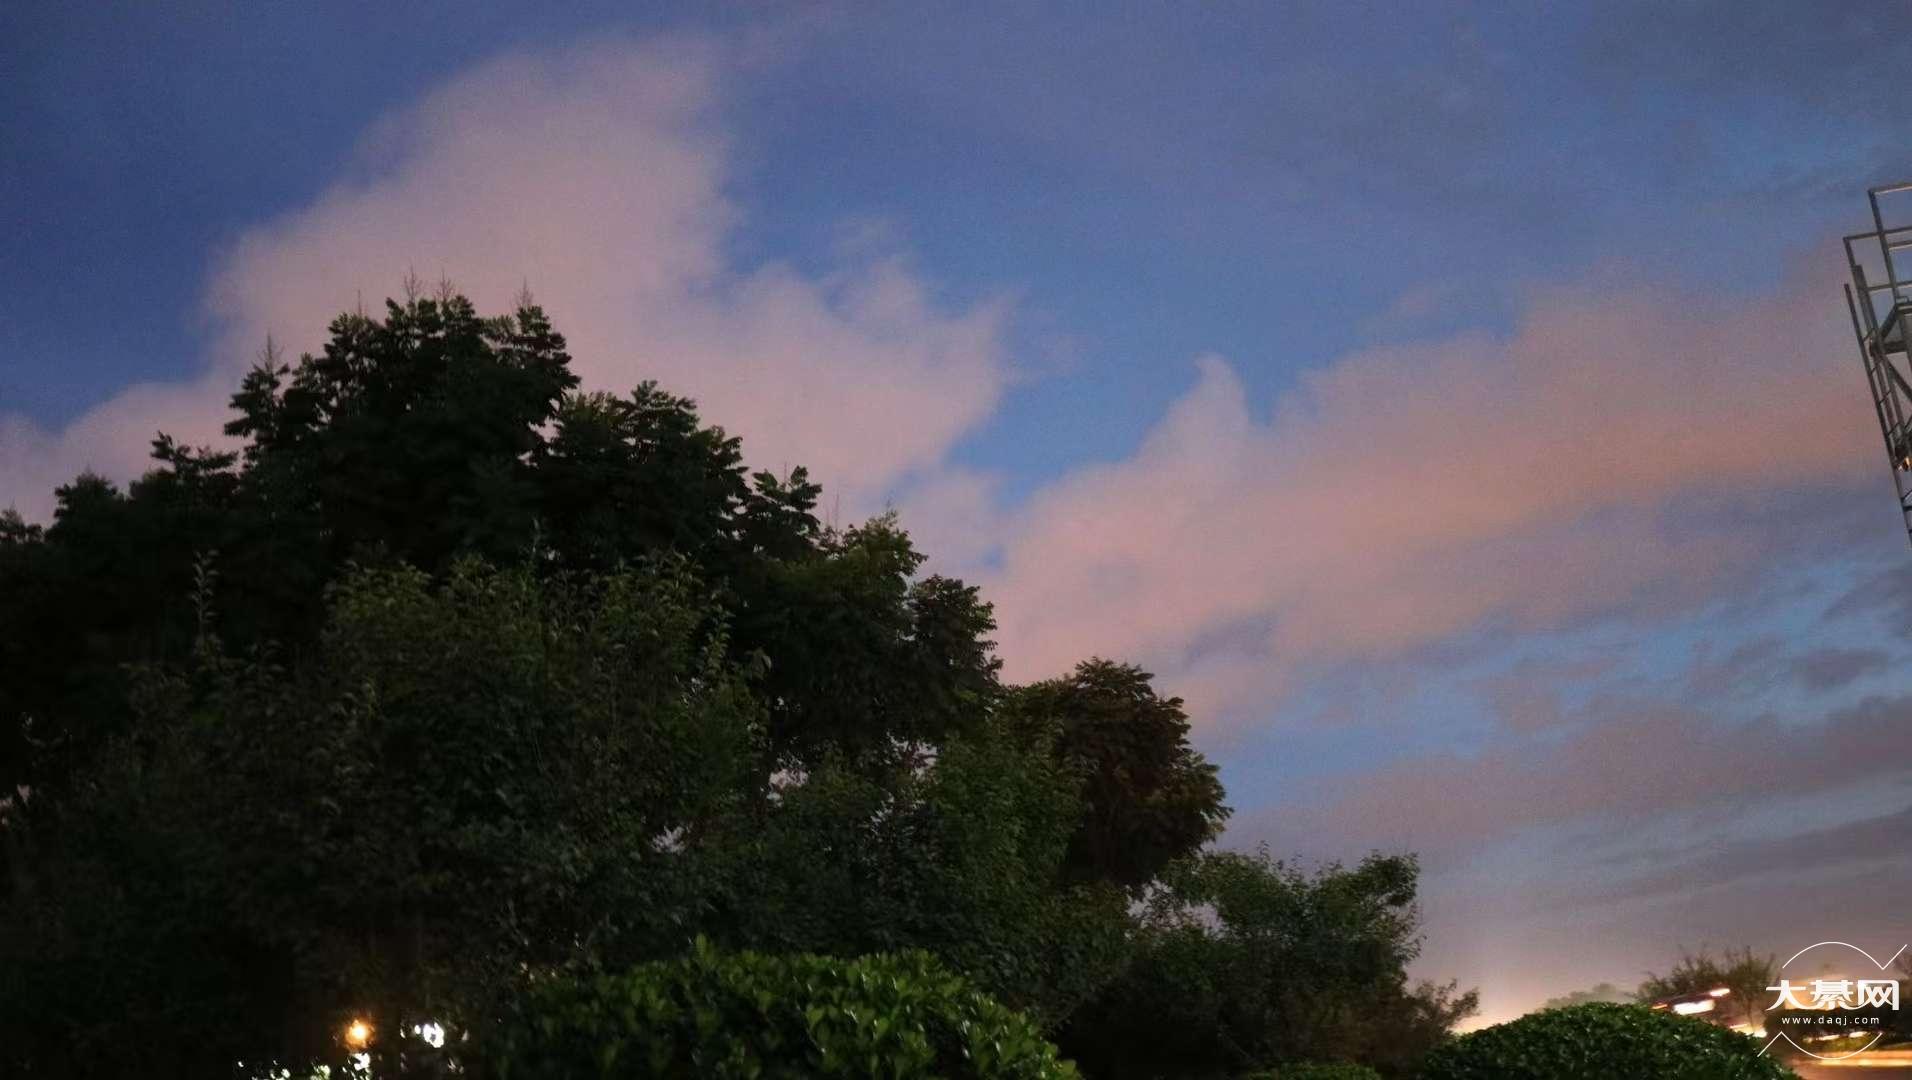 傍晚的样子